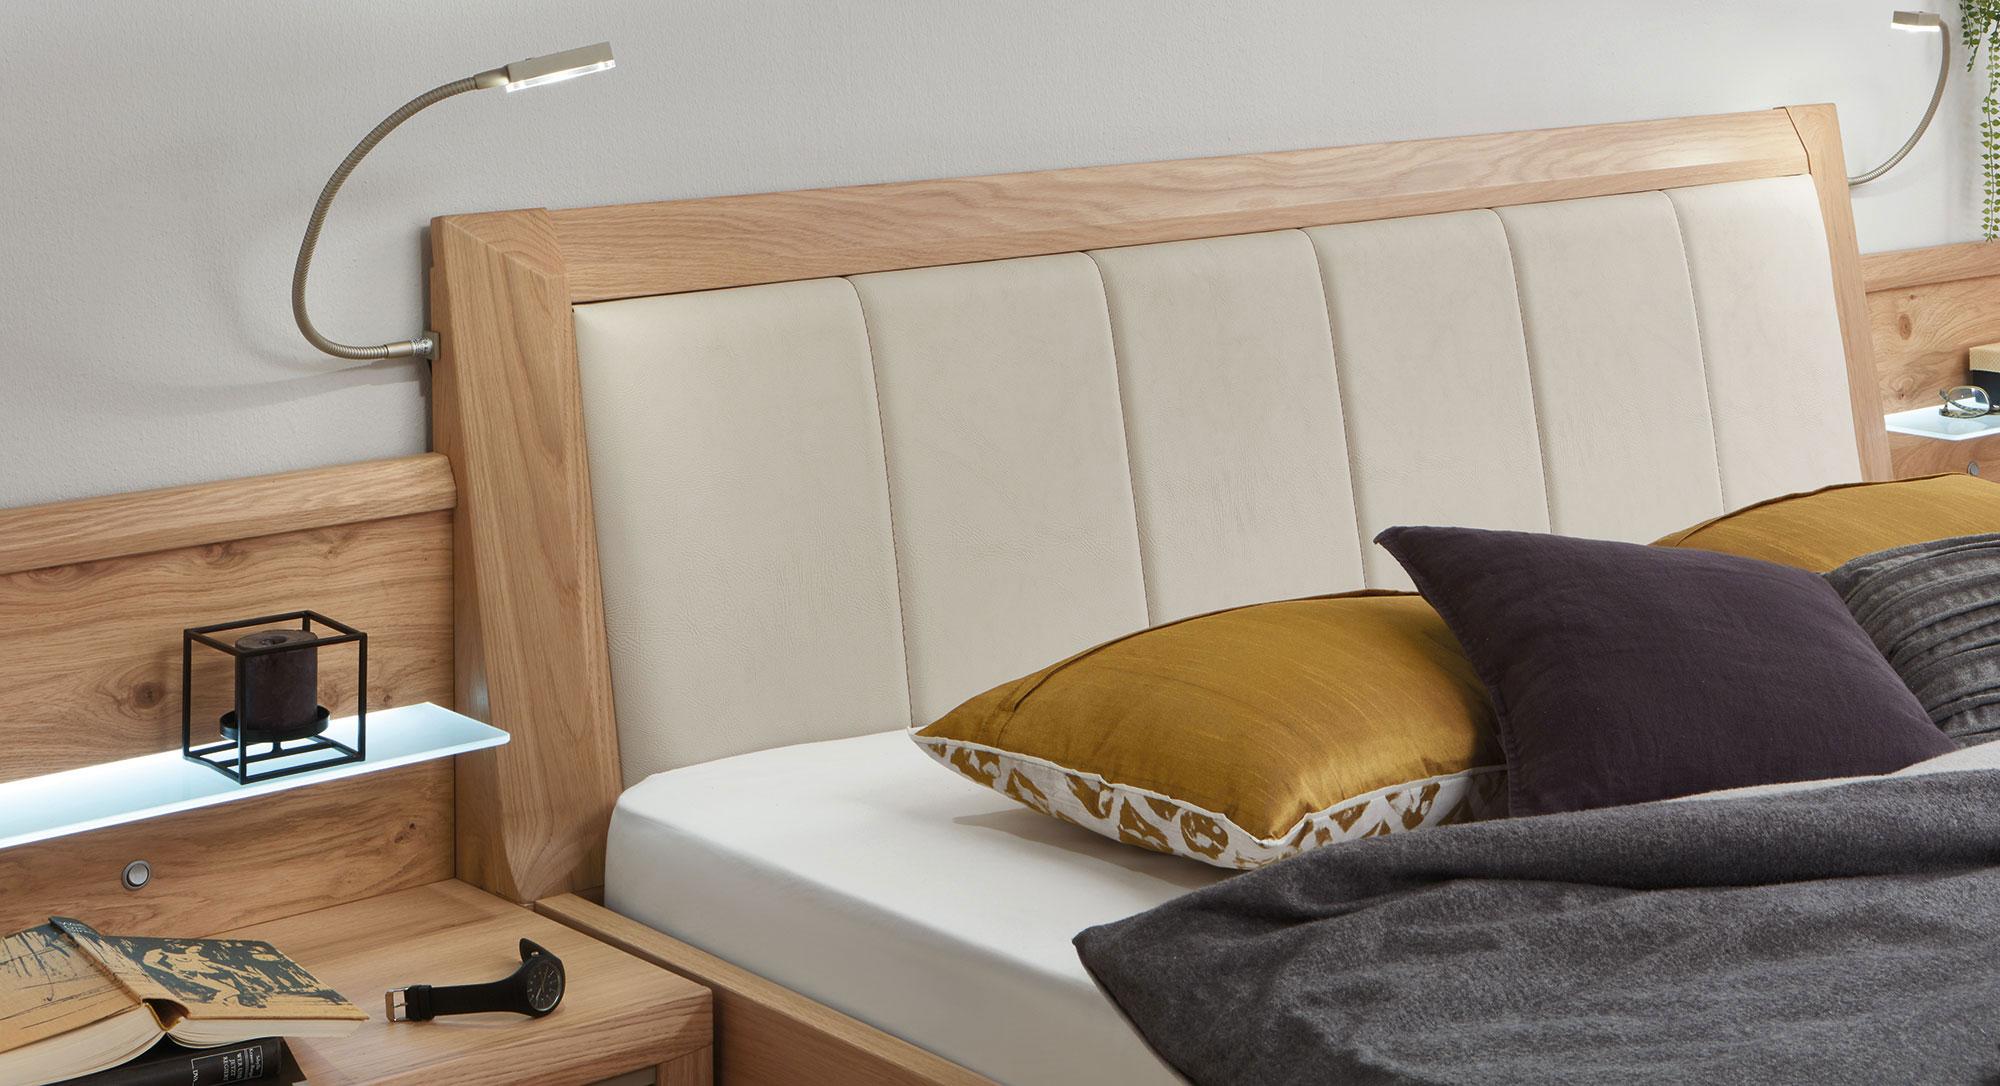 Disselkamp Cavalino Bett mit Polsterkopfteil